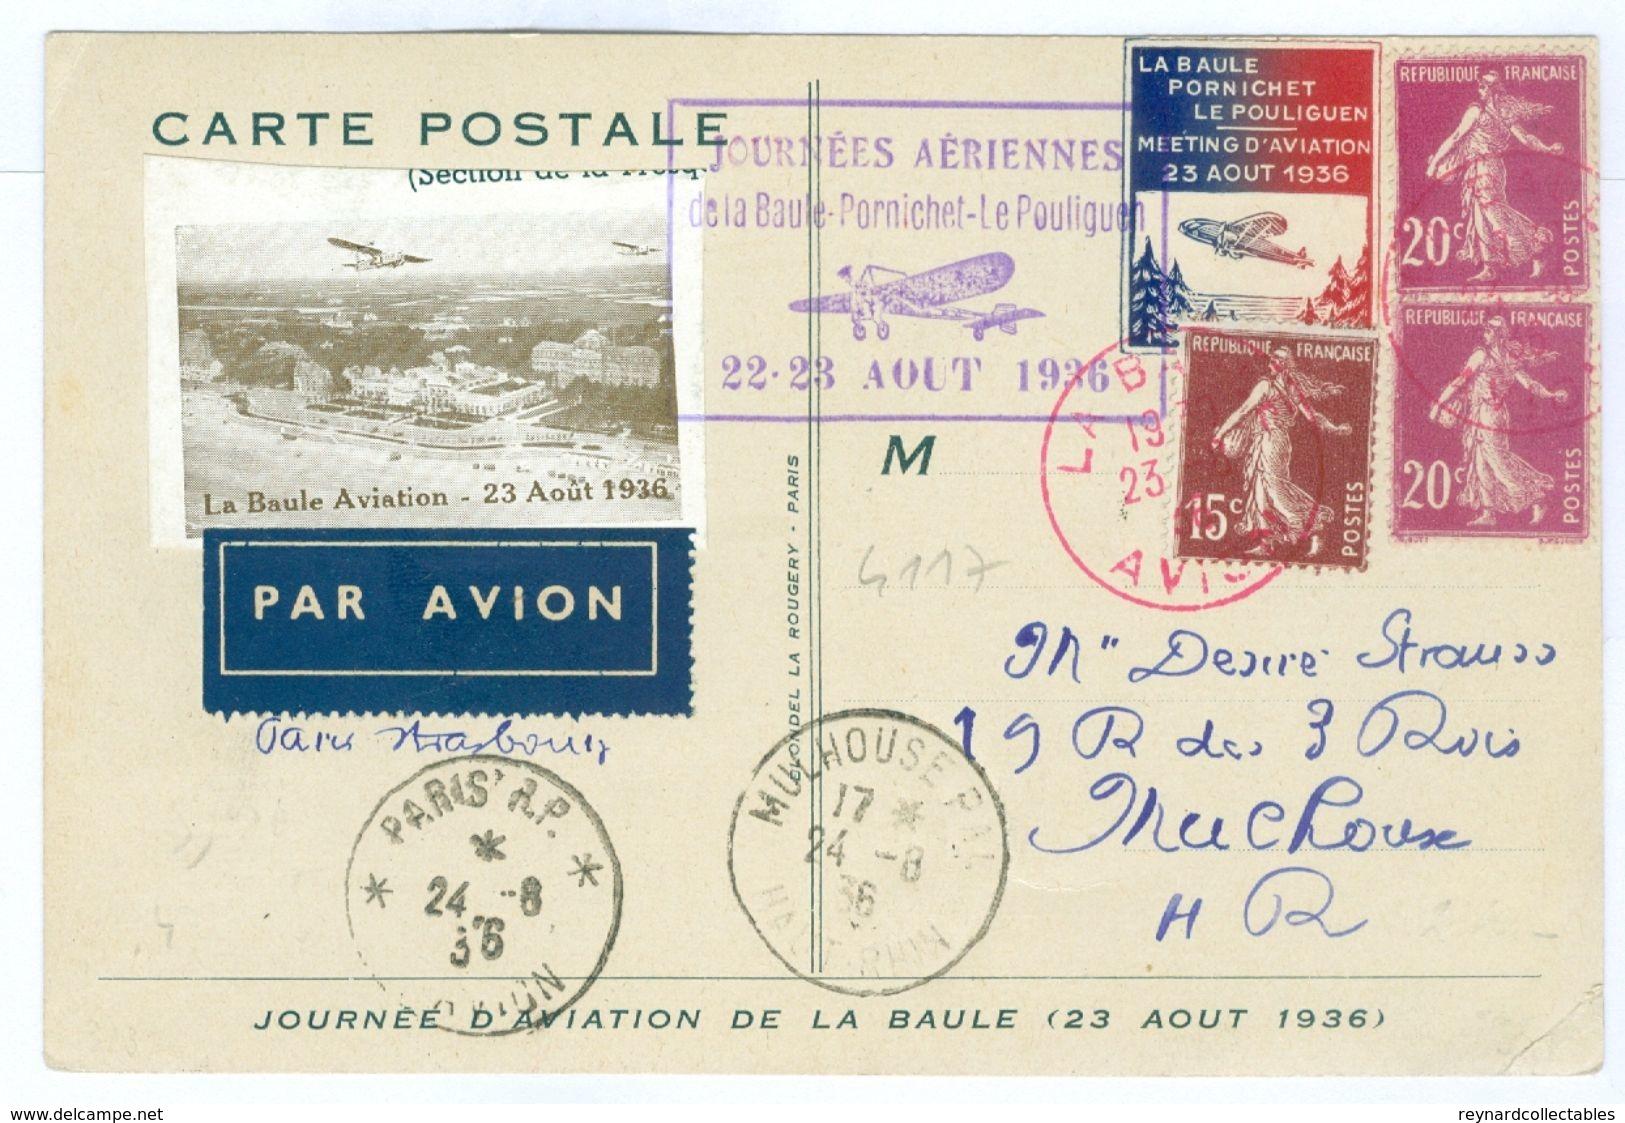 1936 France Aero Club De Atlantique Card, La Baule-Pornichet-Le Pouliguen With Vignettes/postmarks - Airmail